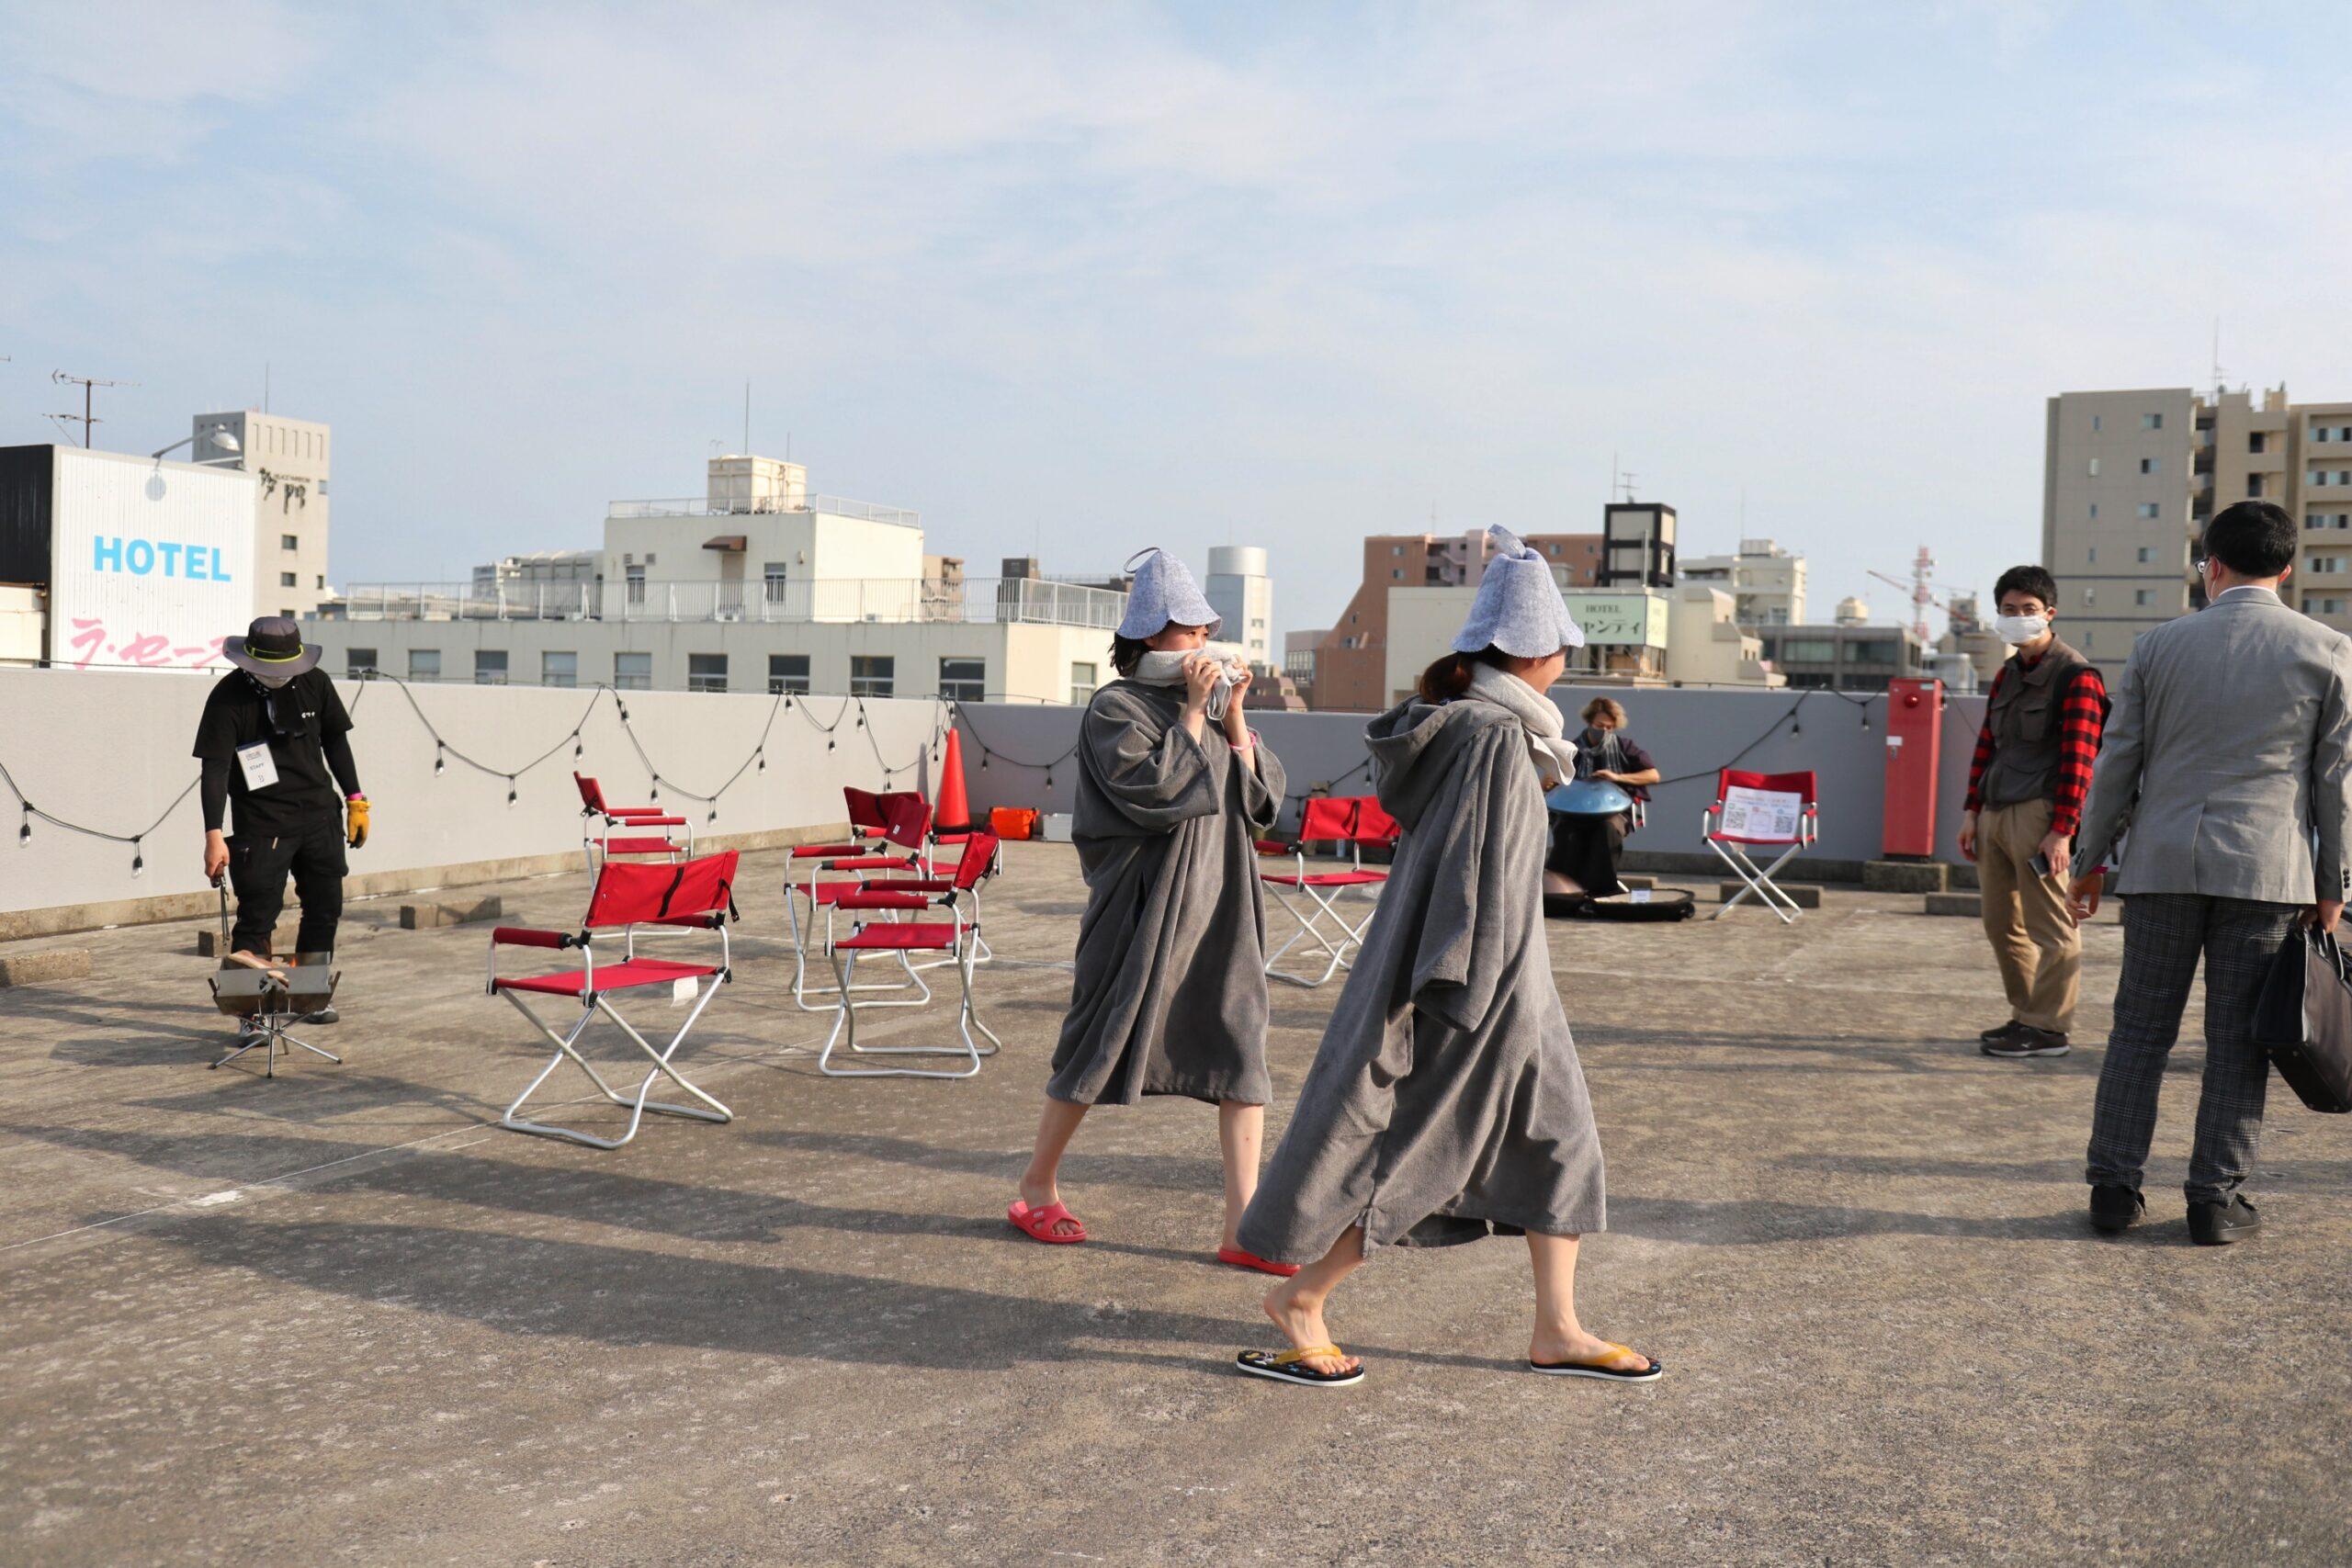 中心街のガレージ屋上でサウナとタキビを楽しむ!?イベントを行った理由を主催者2人にきいた